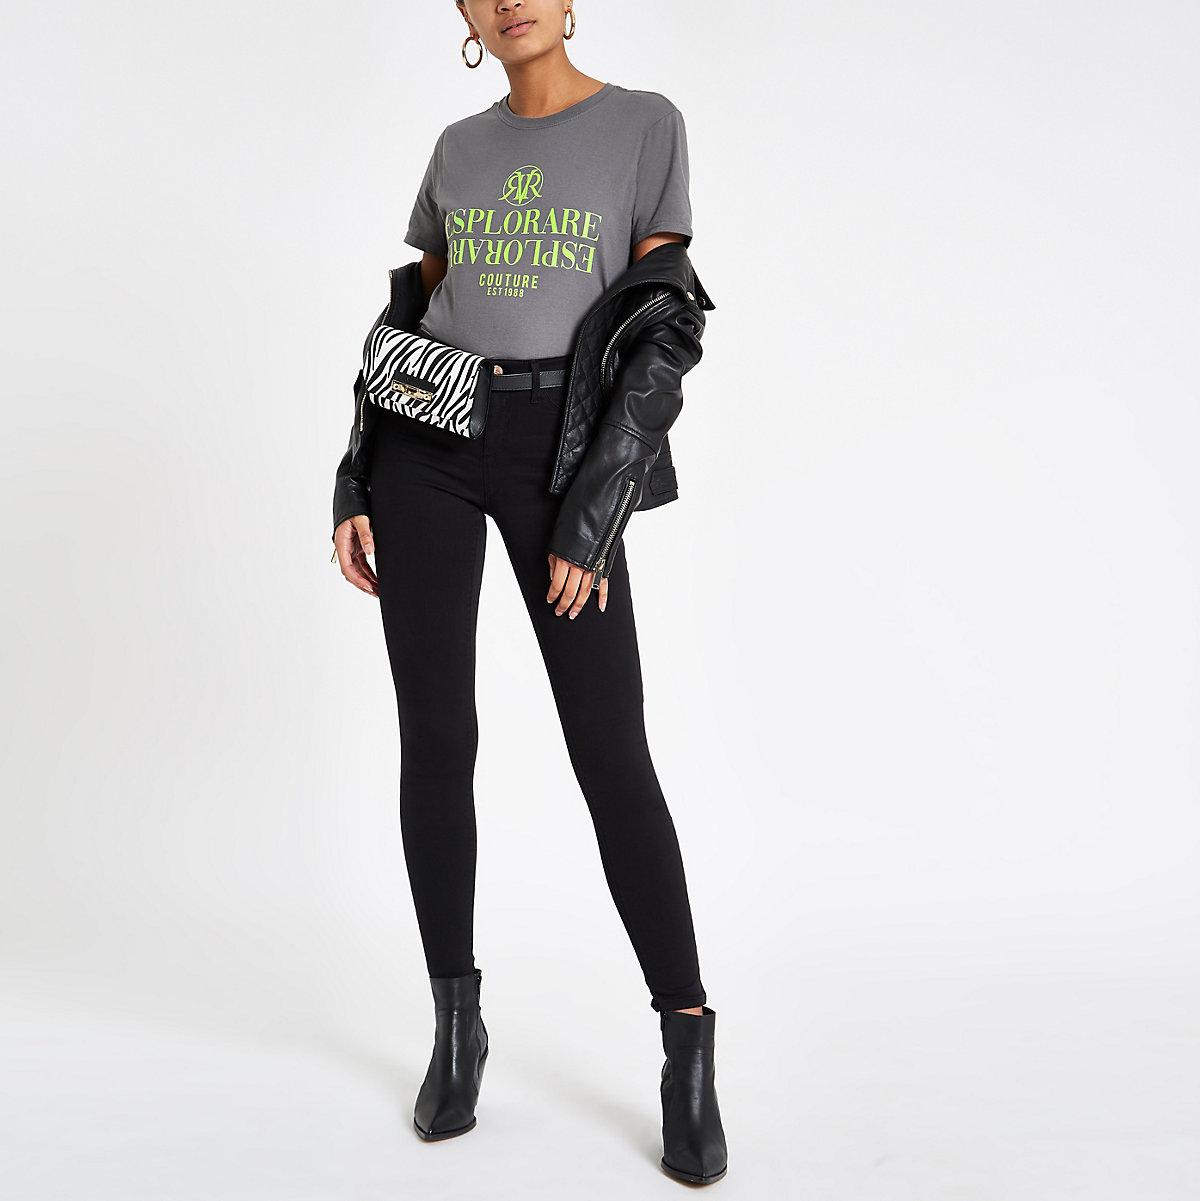 Grey 'Esplorare' fluro print T-shirt